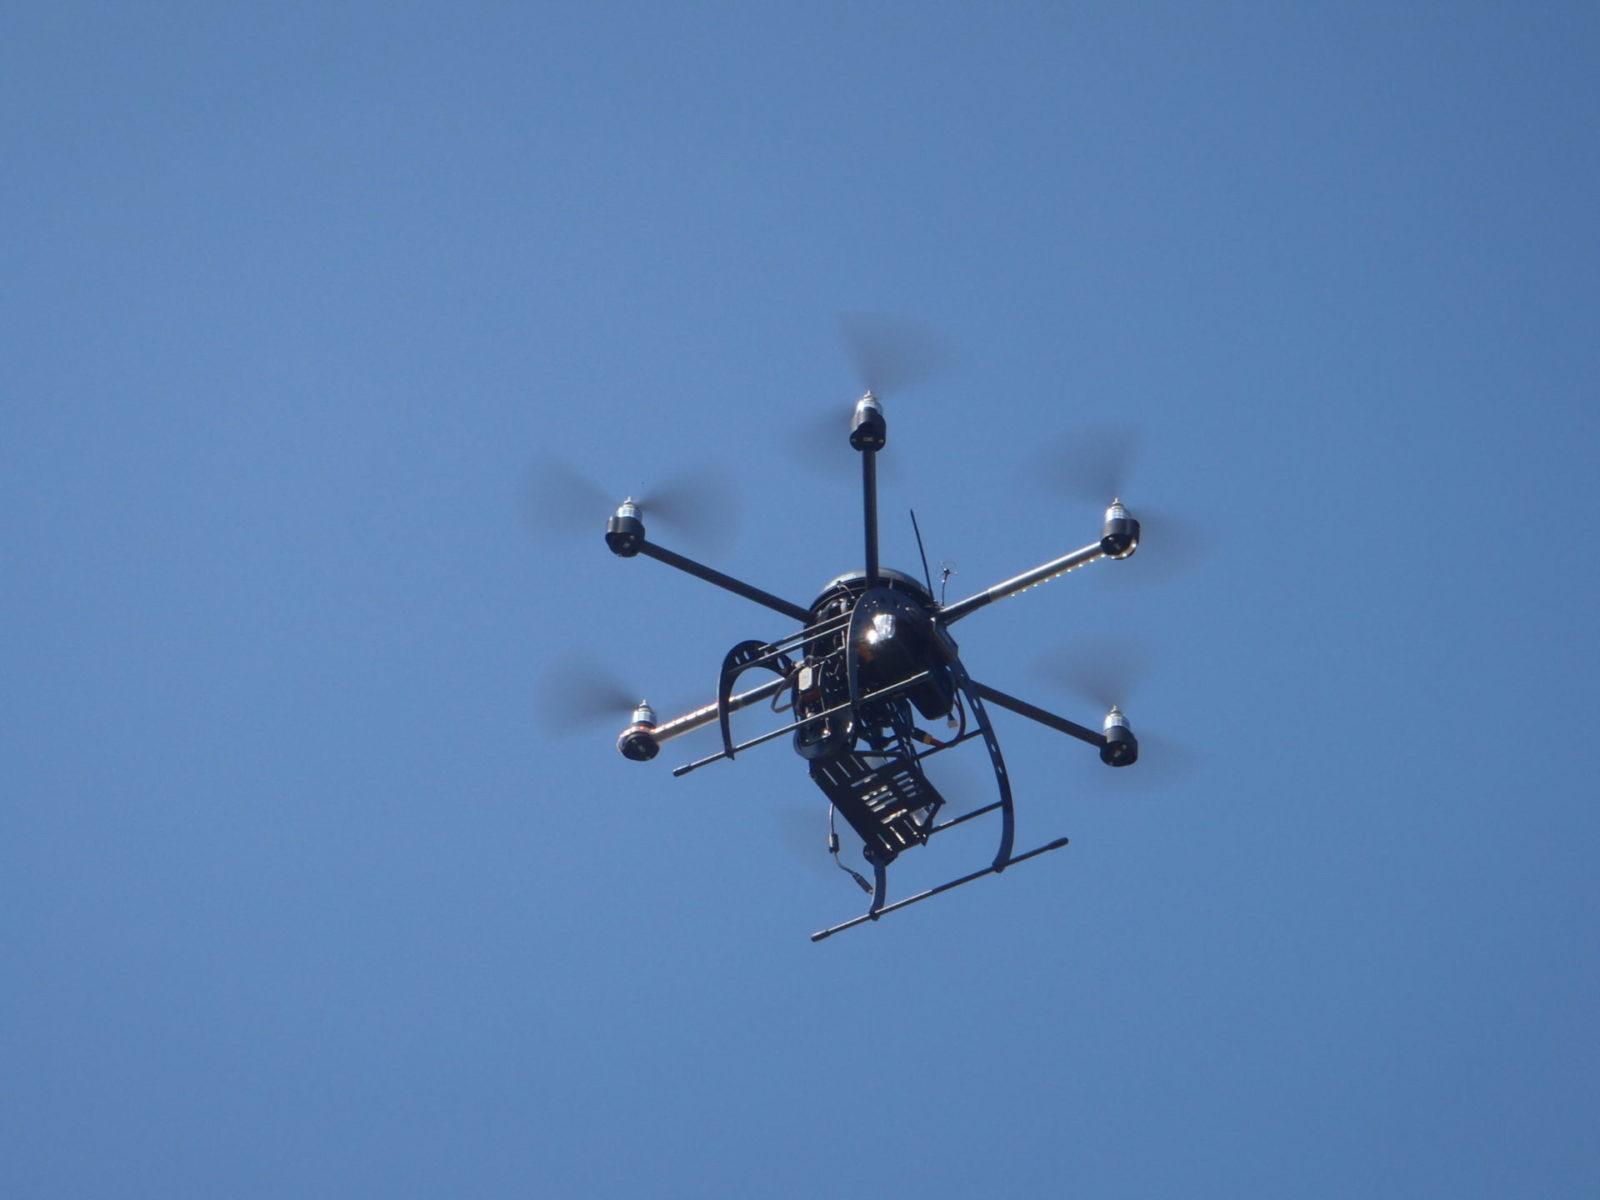 A UAS flying in sky.